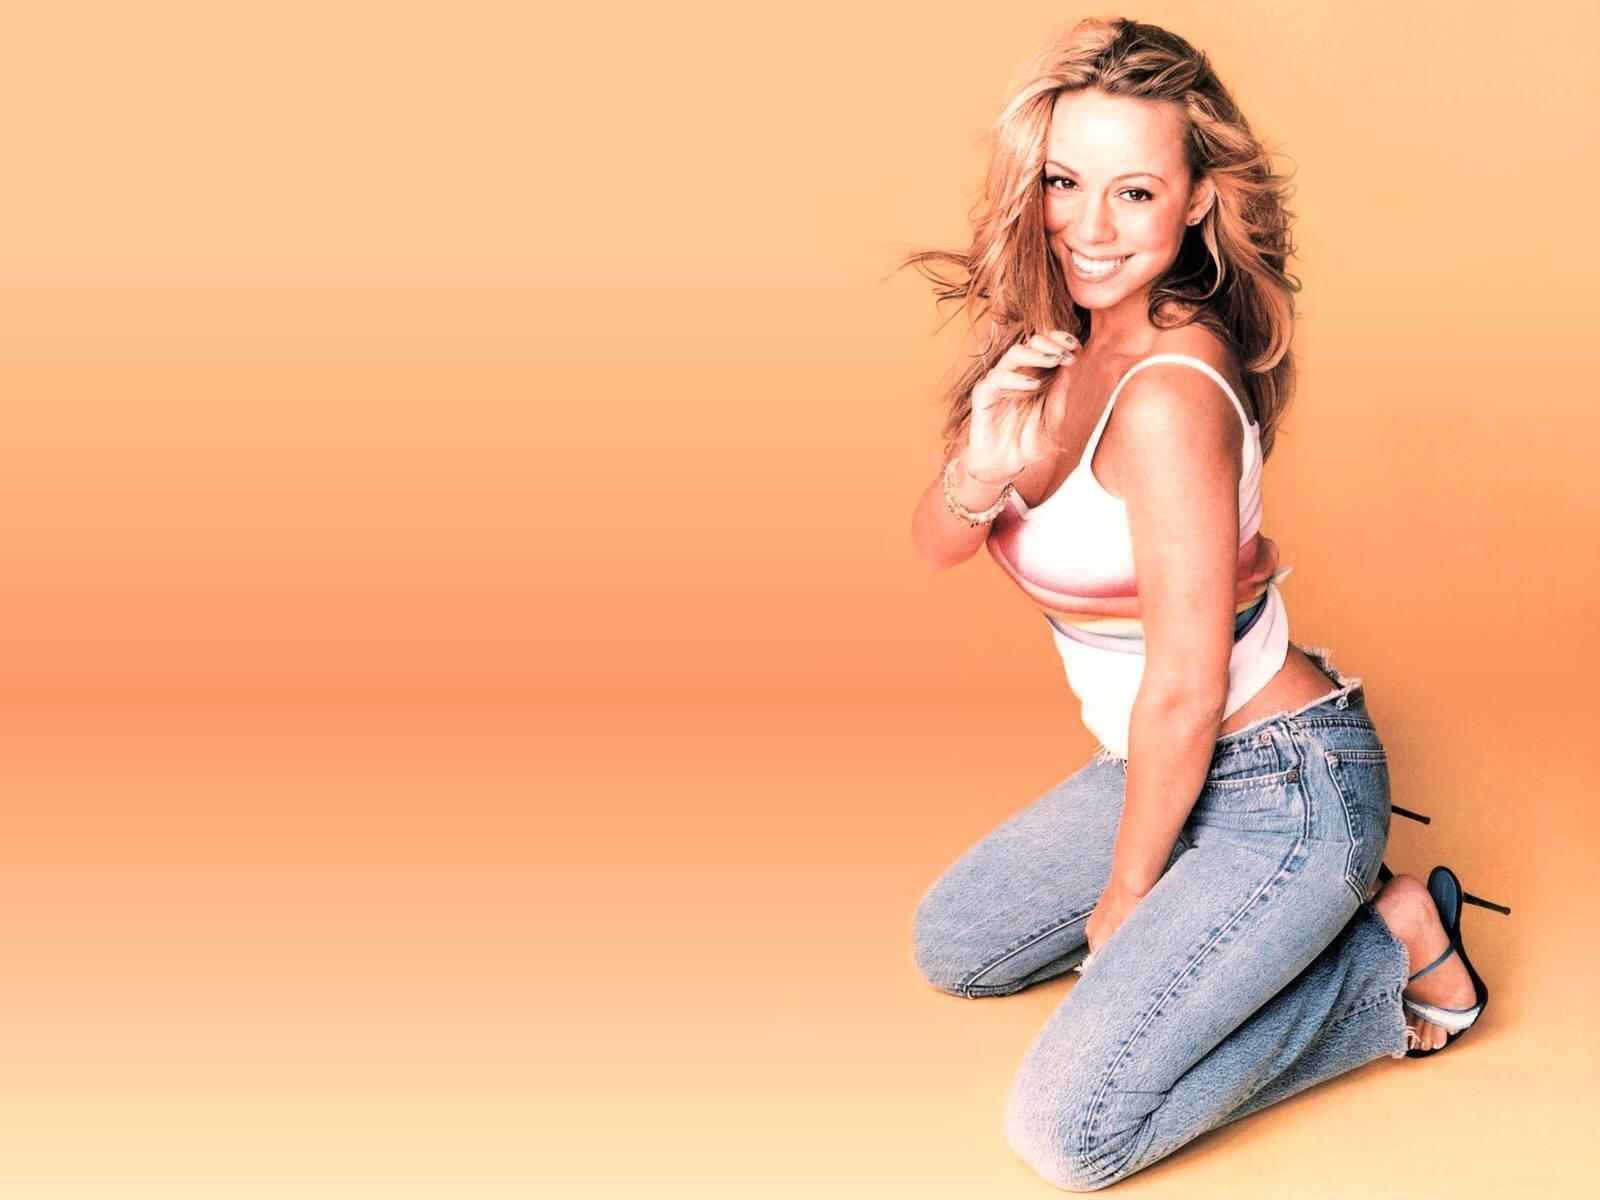 17. Mariah Carey 17. Mariah Carey new pictures